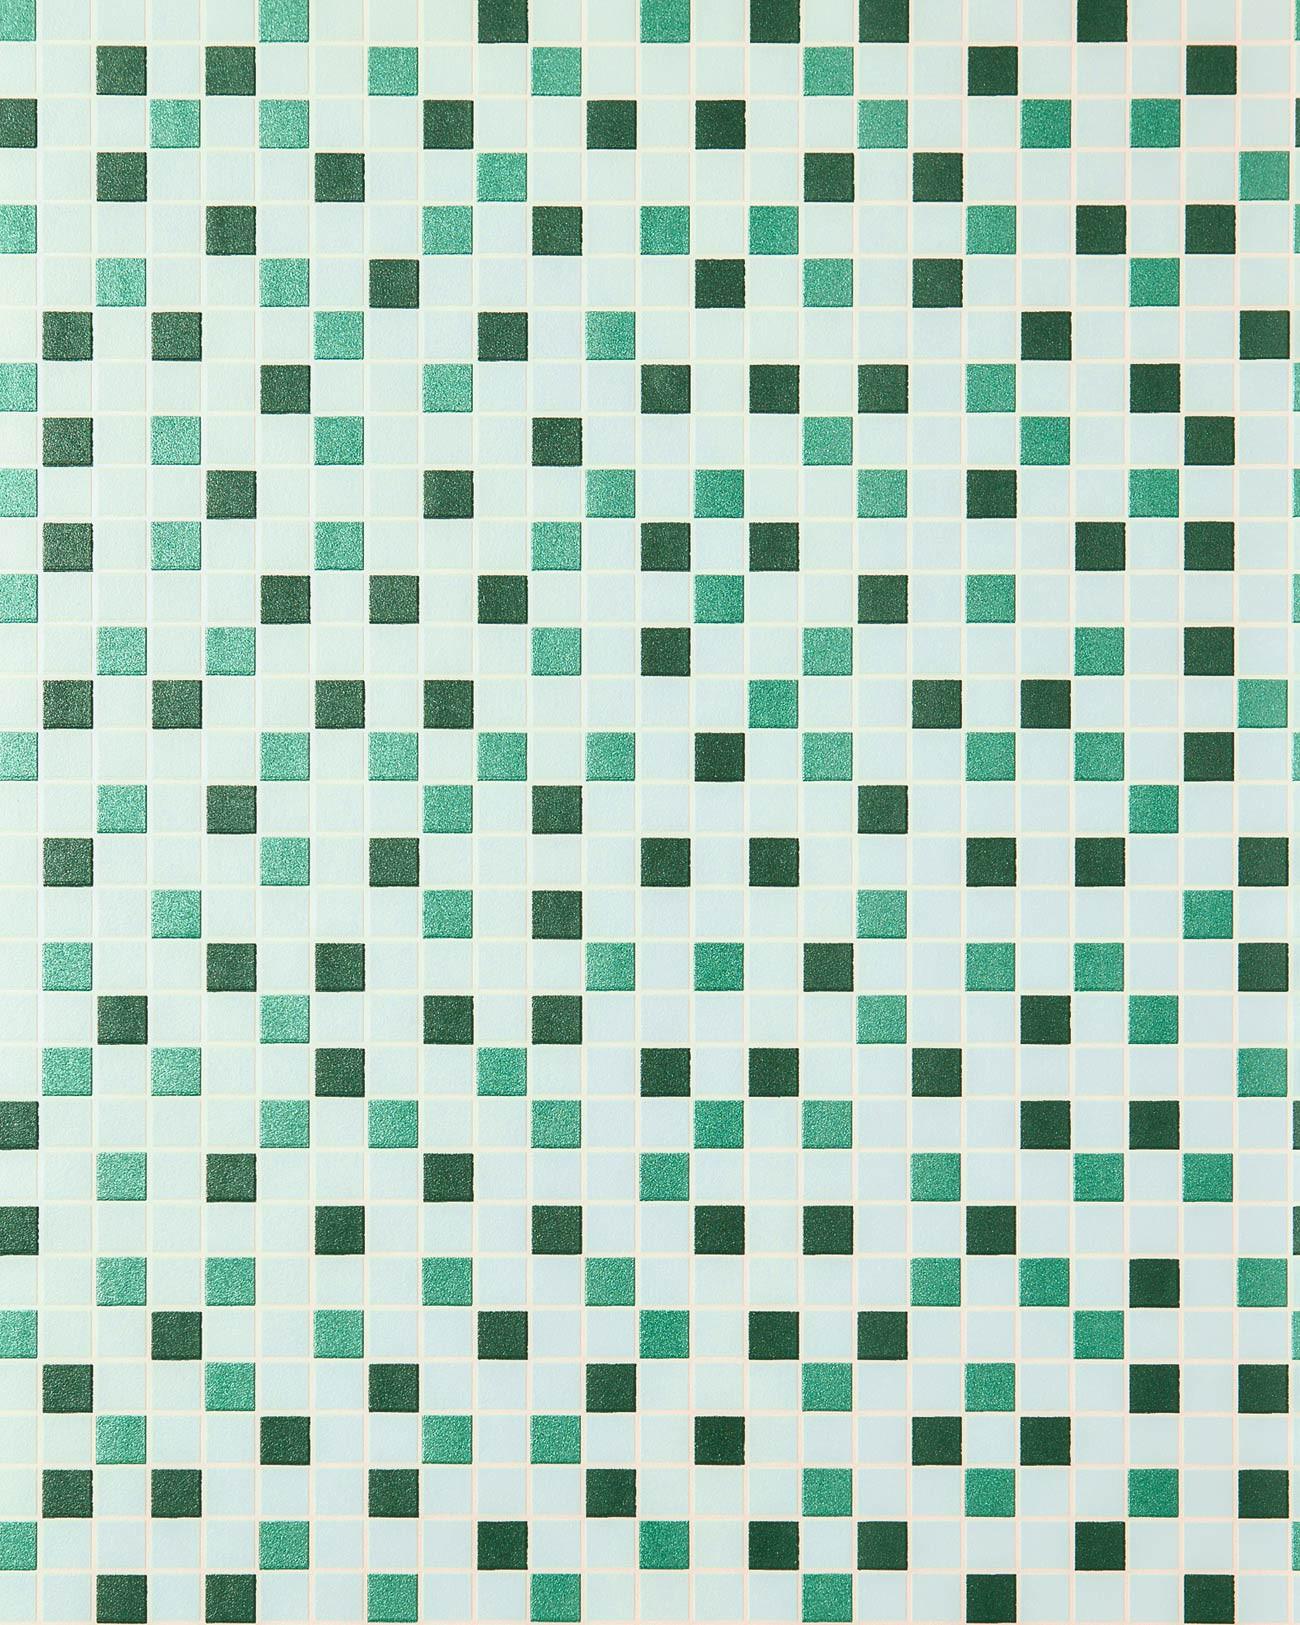 Full Size of Edem 1022 15 Kchentapete Mosaik Steinchen Muster Mintgrn Trkis Wohnzimmer Küchentapete